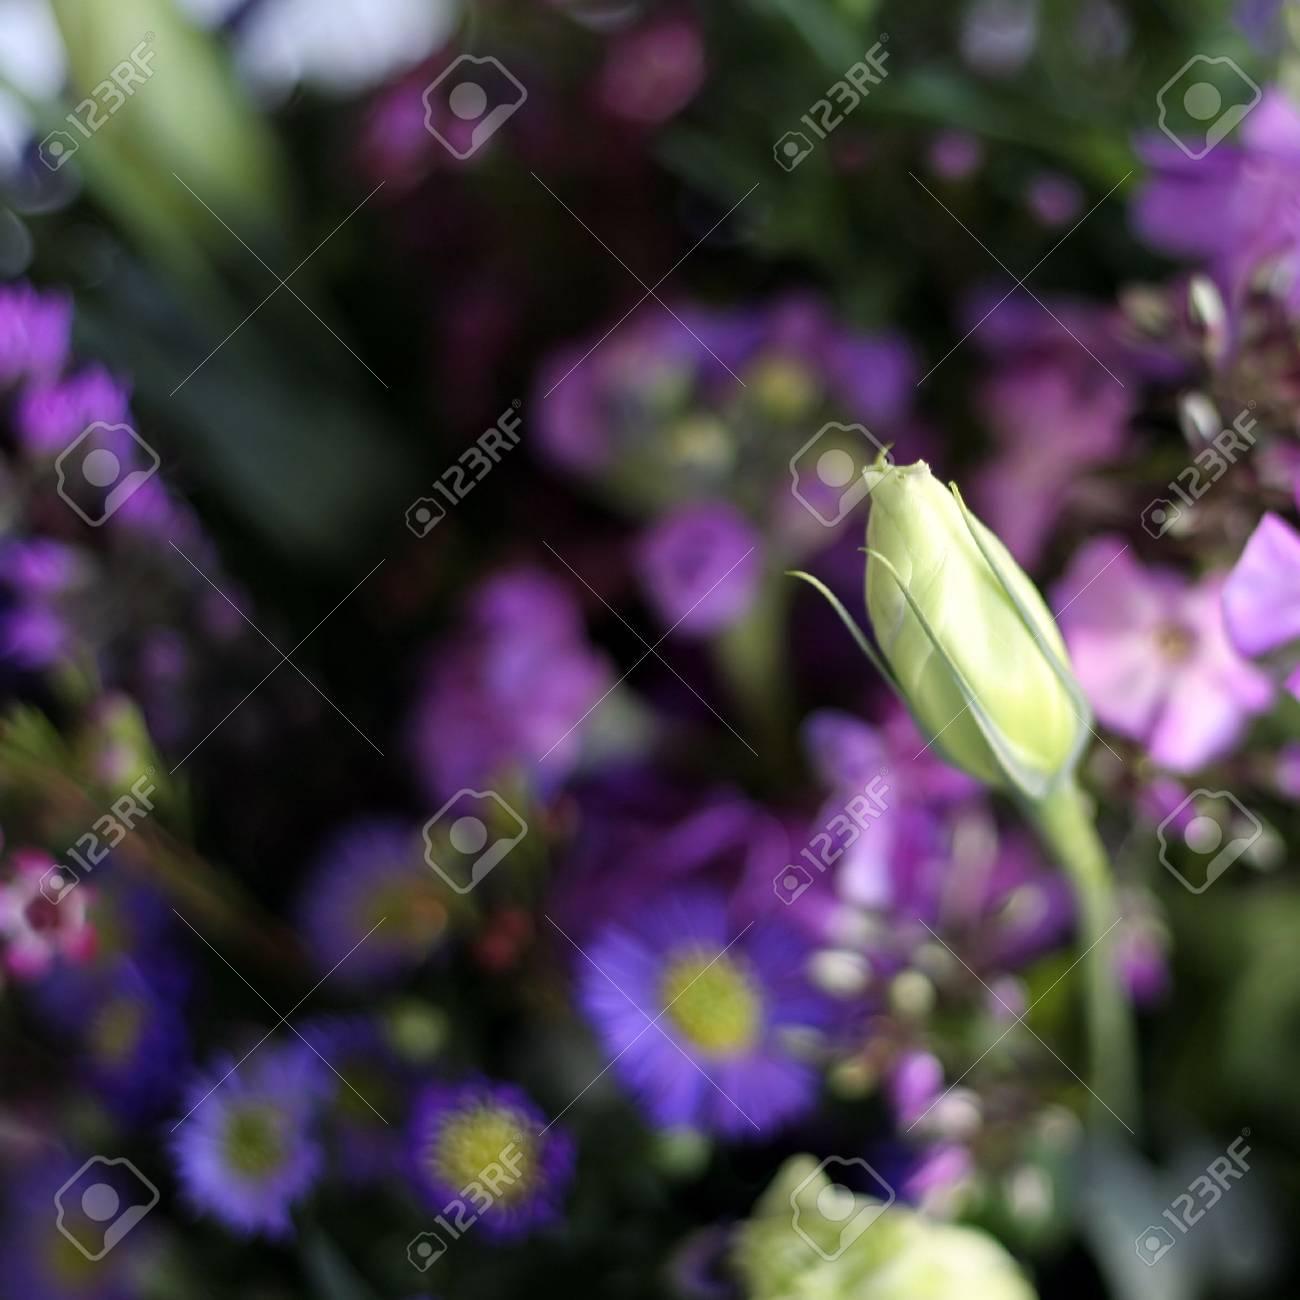 Foto Fiori Viola.Immagini Stock Bouquet Di Fiori Viola Primula Con Una Profondita